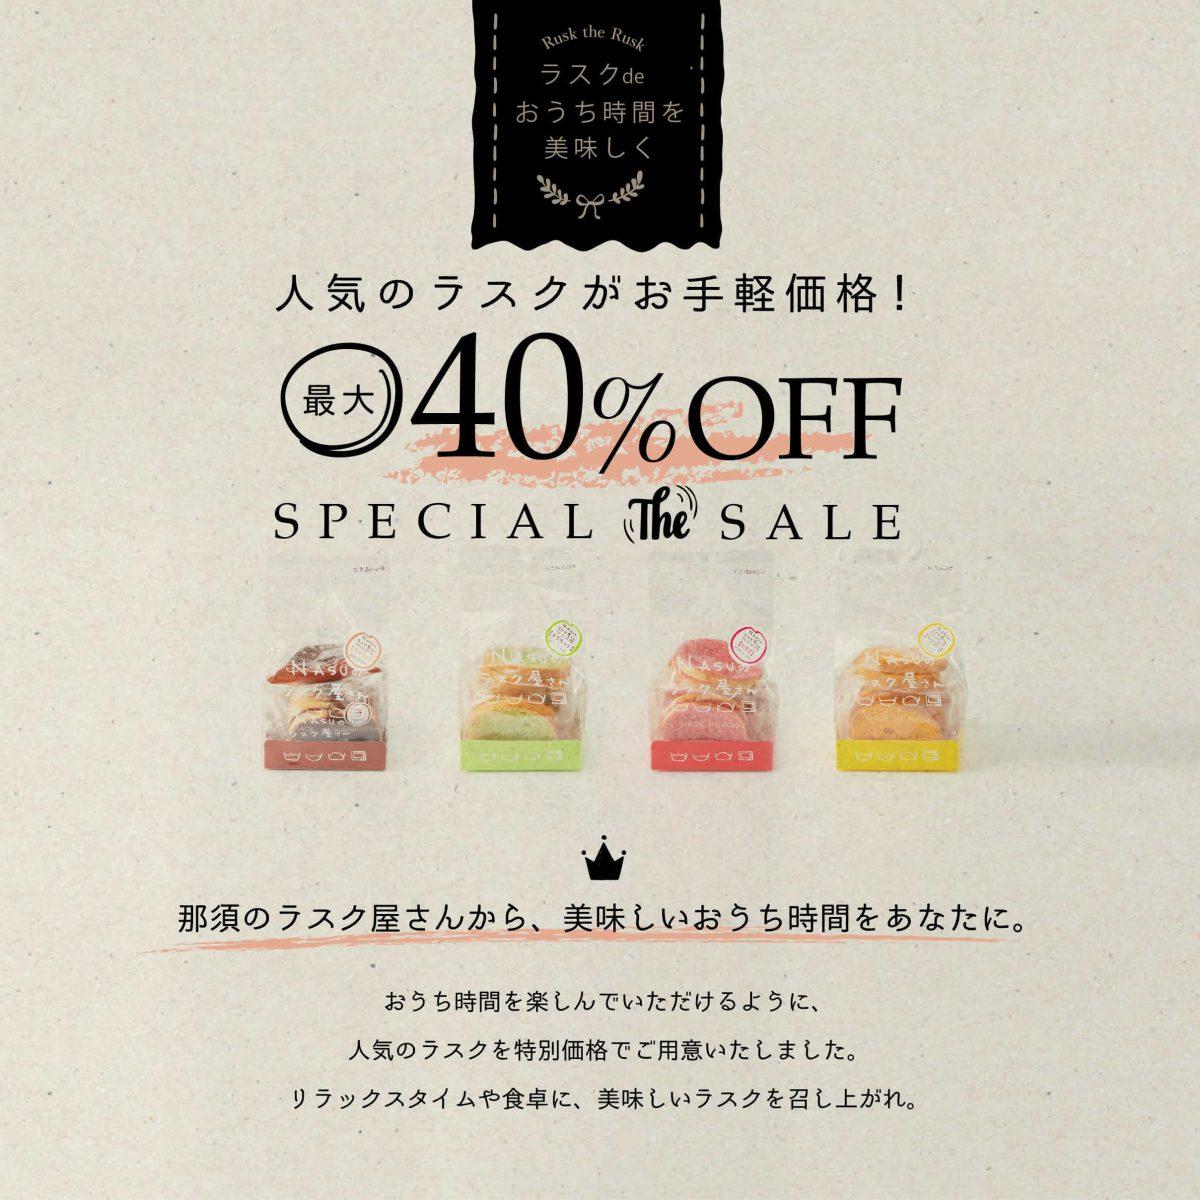 人気のラスクがお手軽価格!期間限定 Special Sale